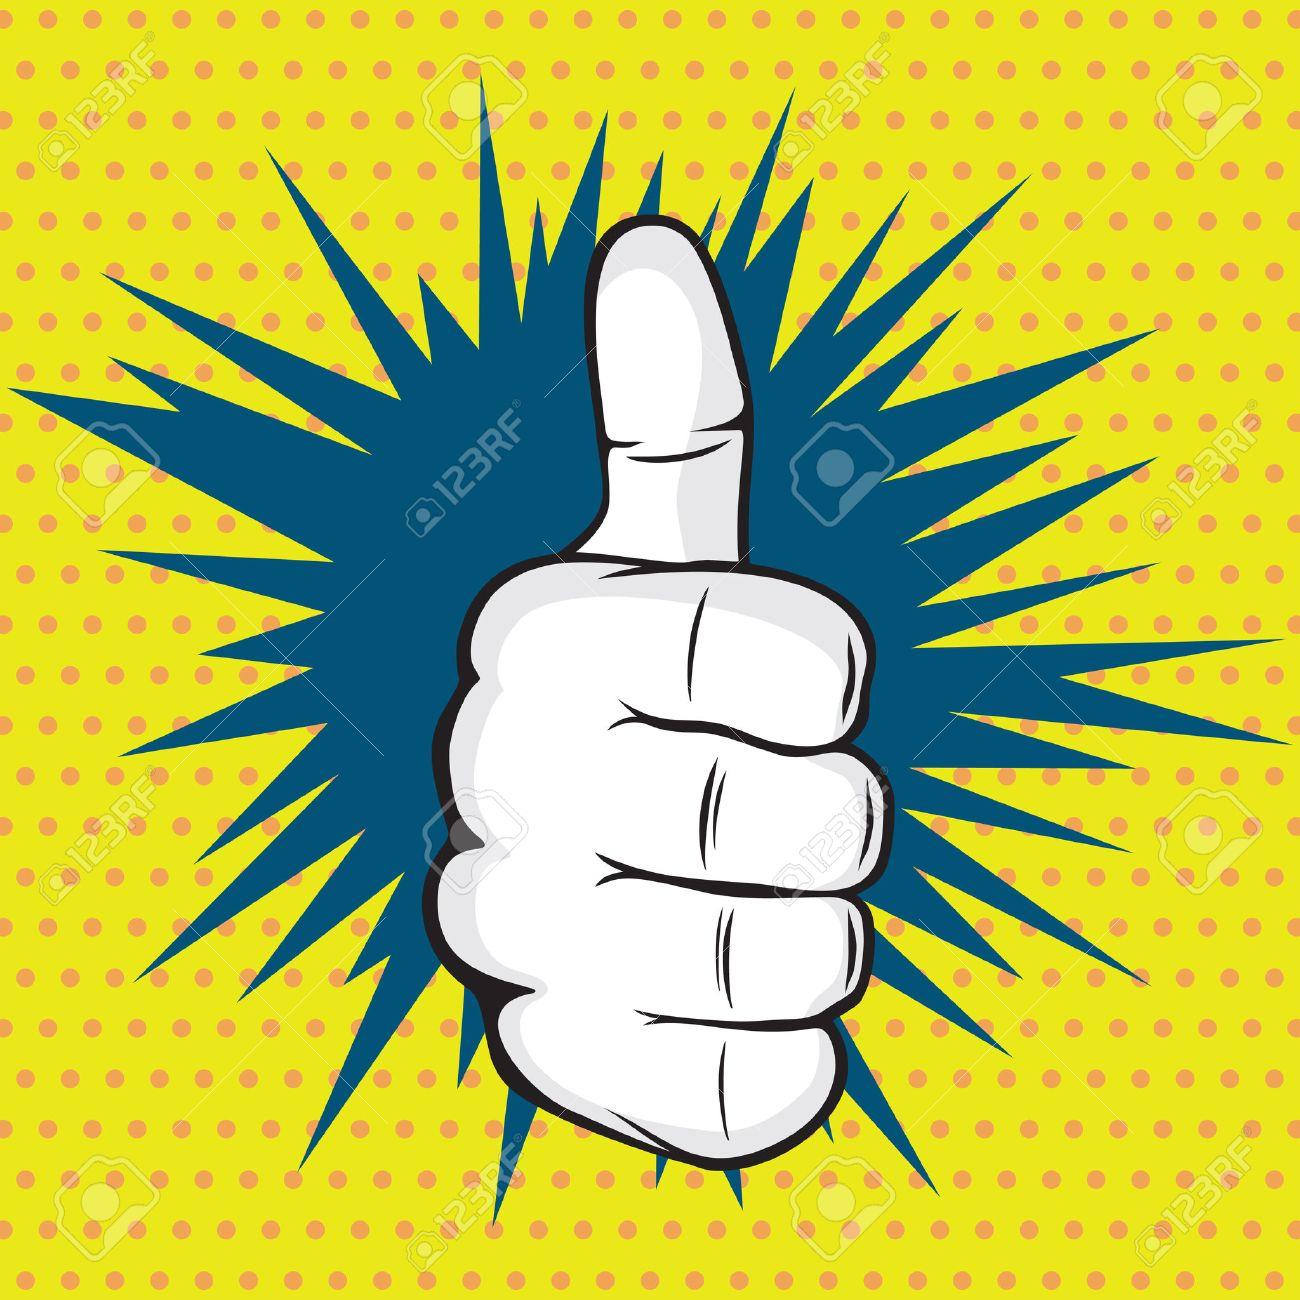 OK finger pop art vector illustration - 41198422